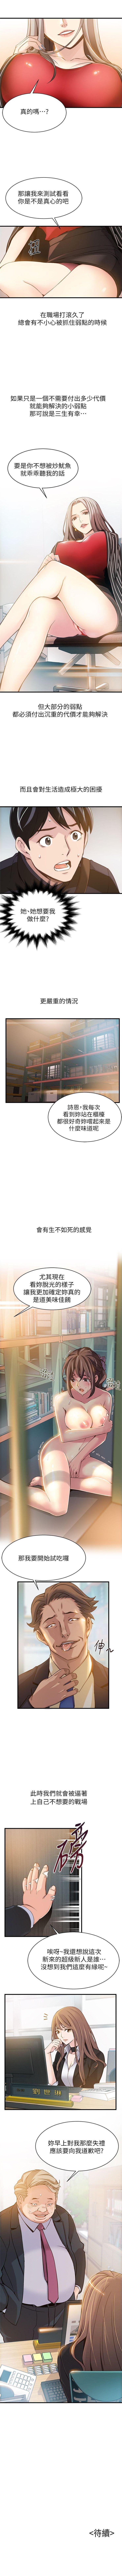 (周7)弱点 1-66 中文翻译(更新中) 14